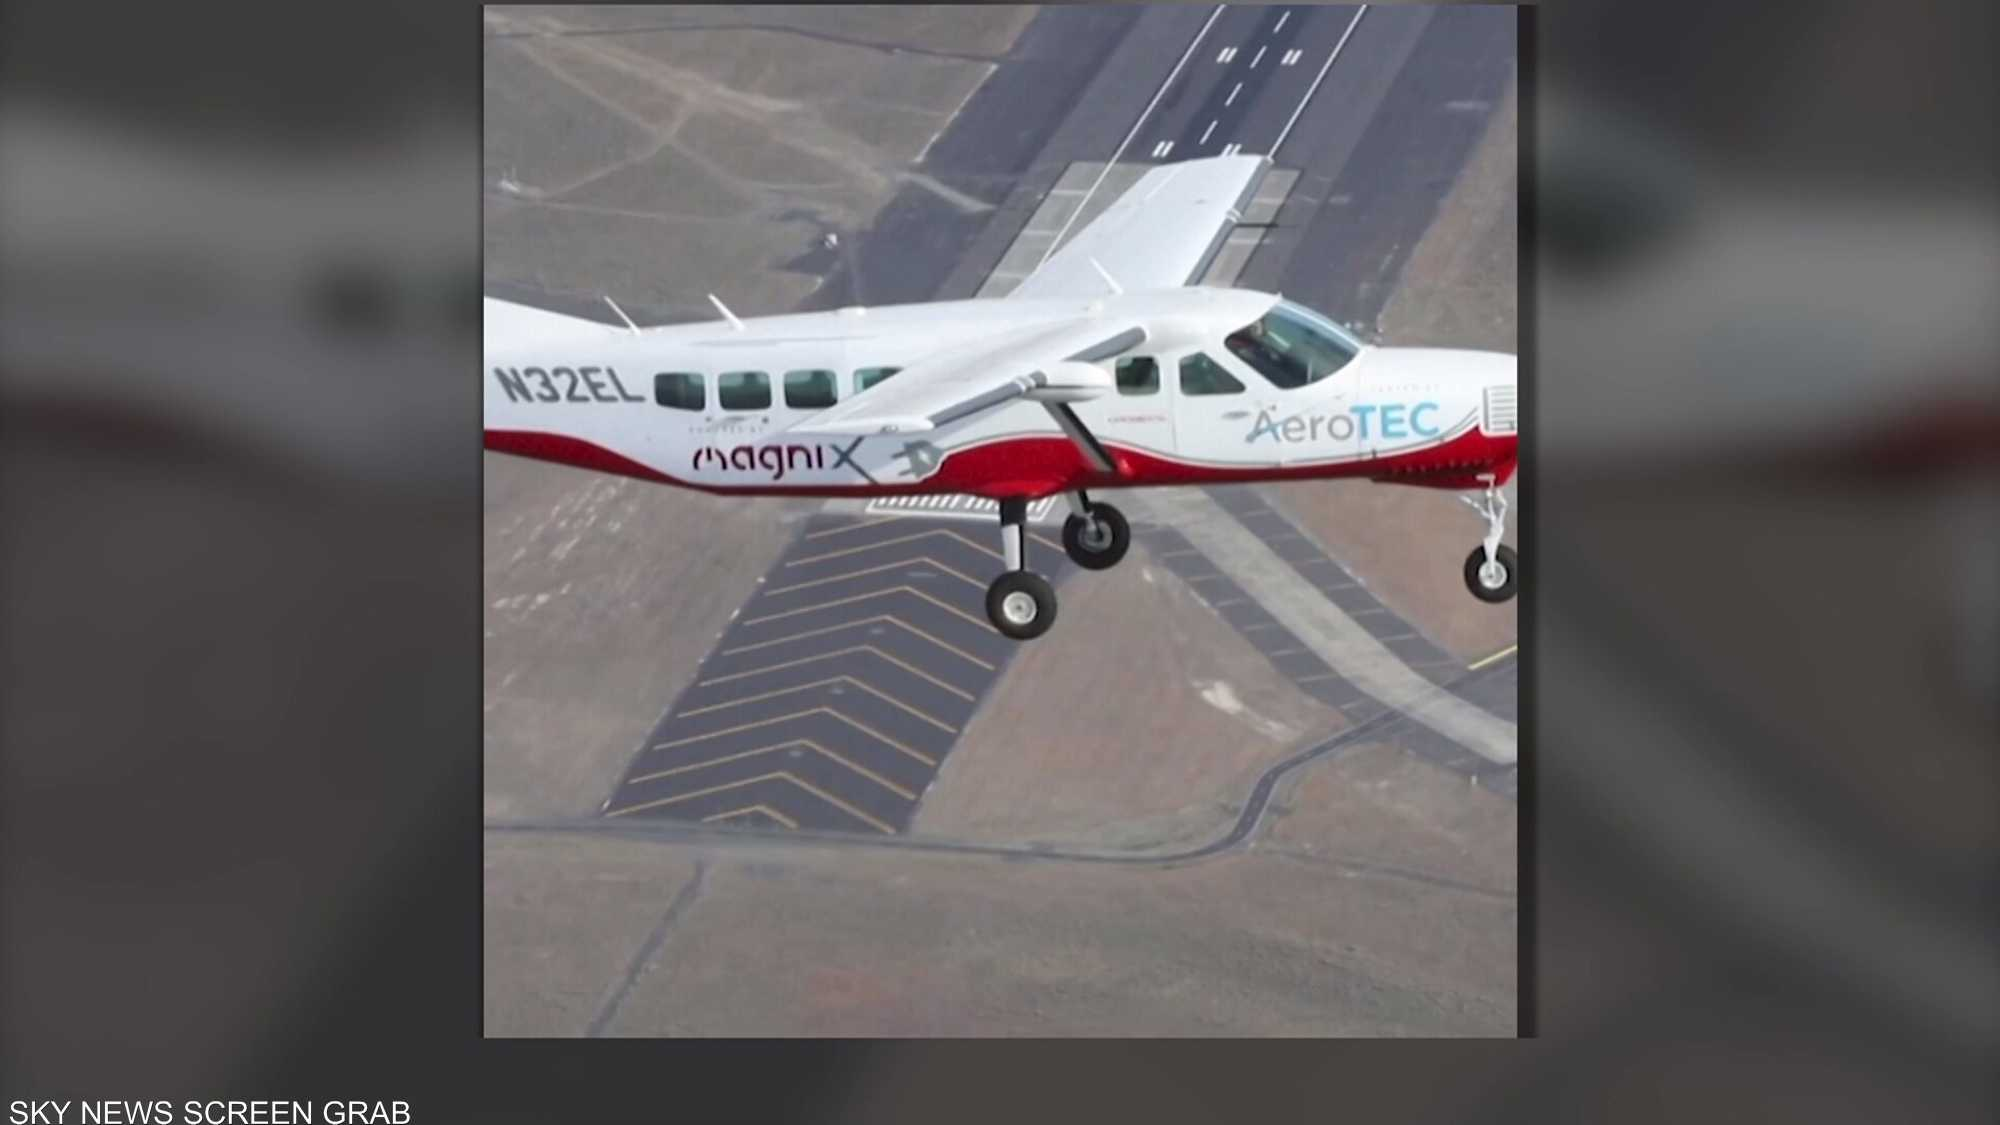 نجاح اختبار أكبر طائرة تجارية كهربائية بالعالم